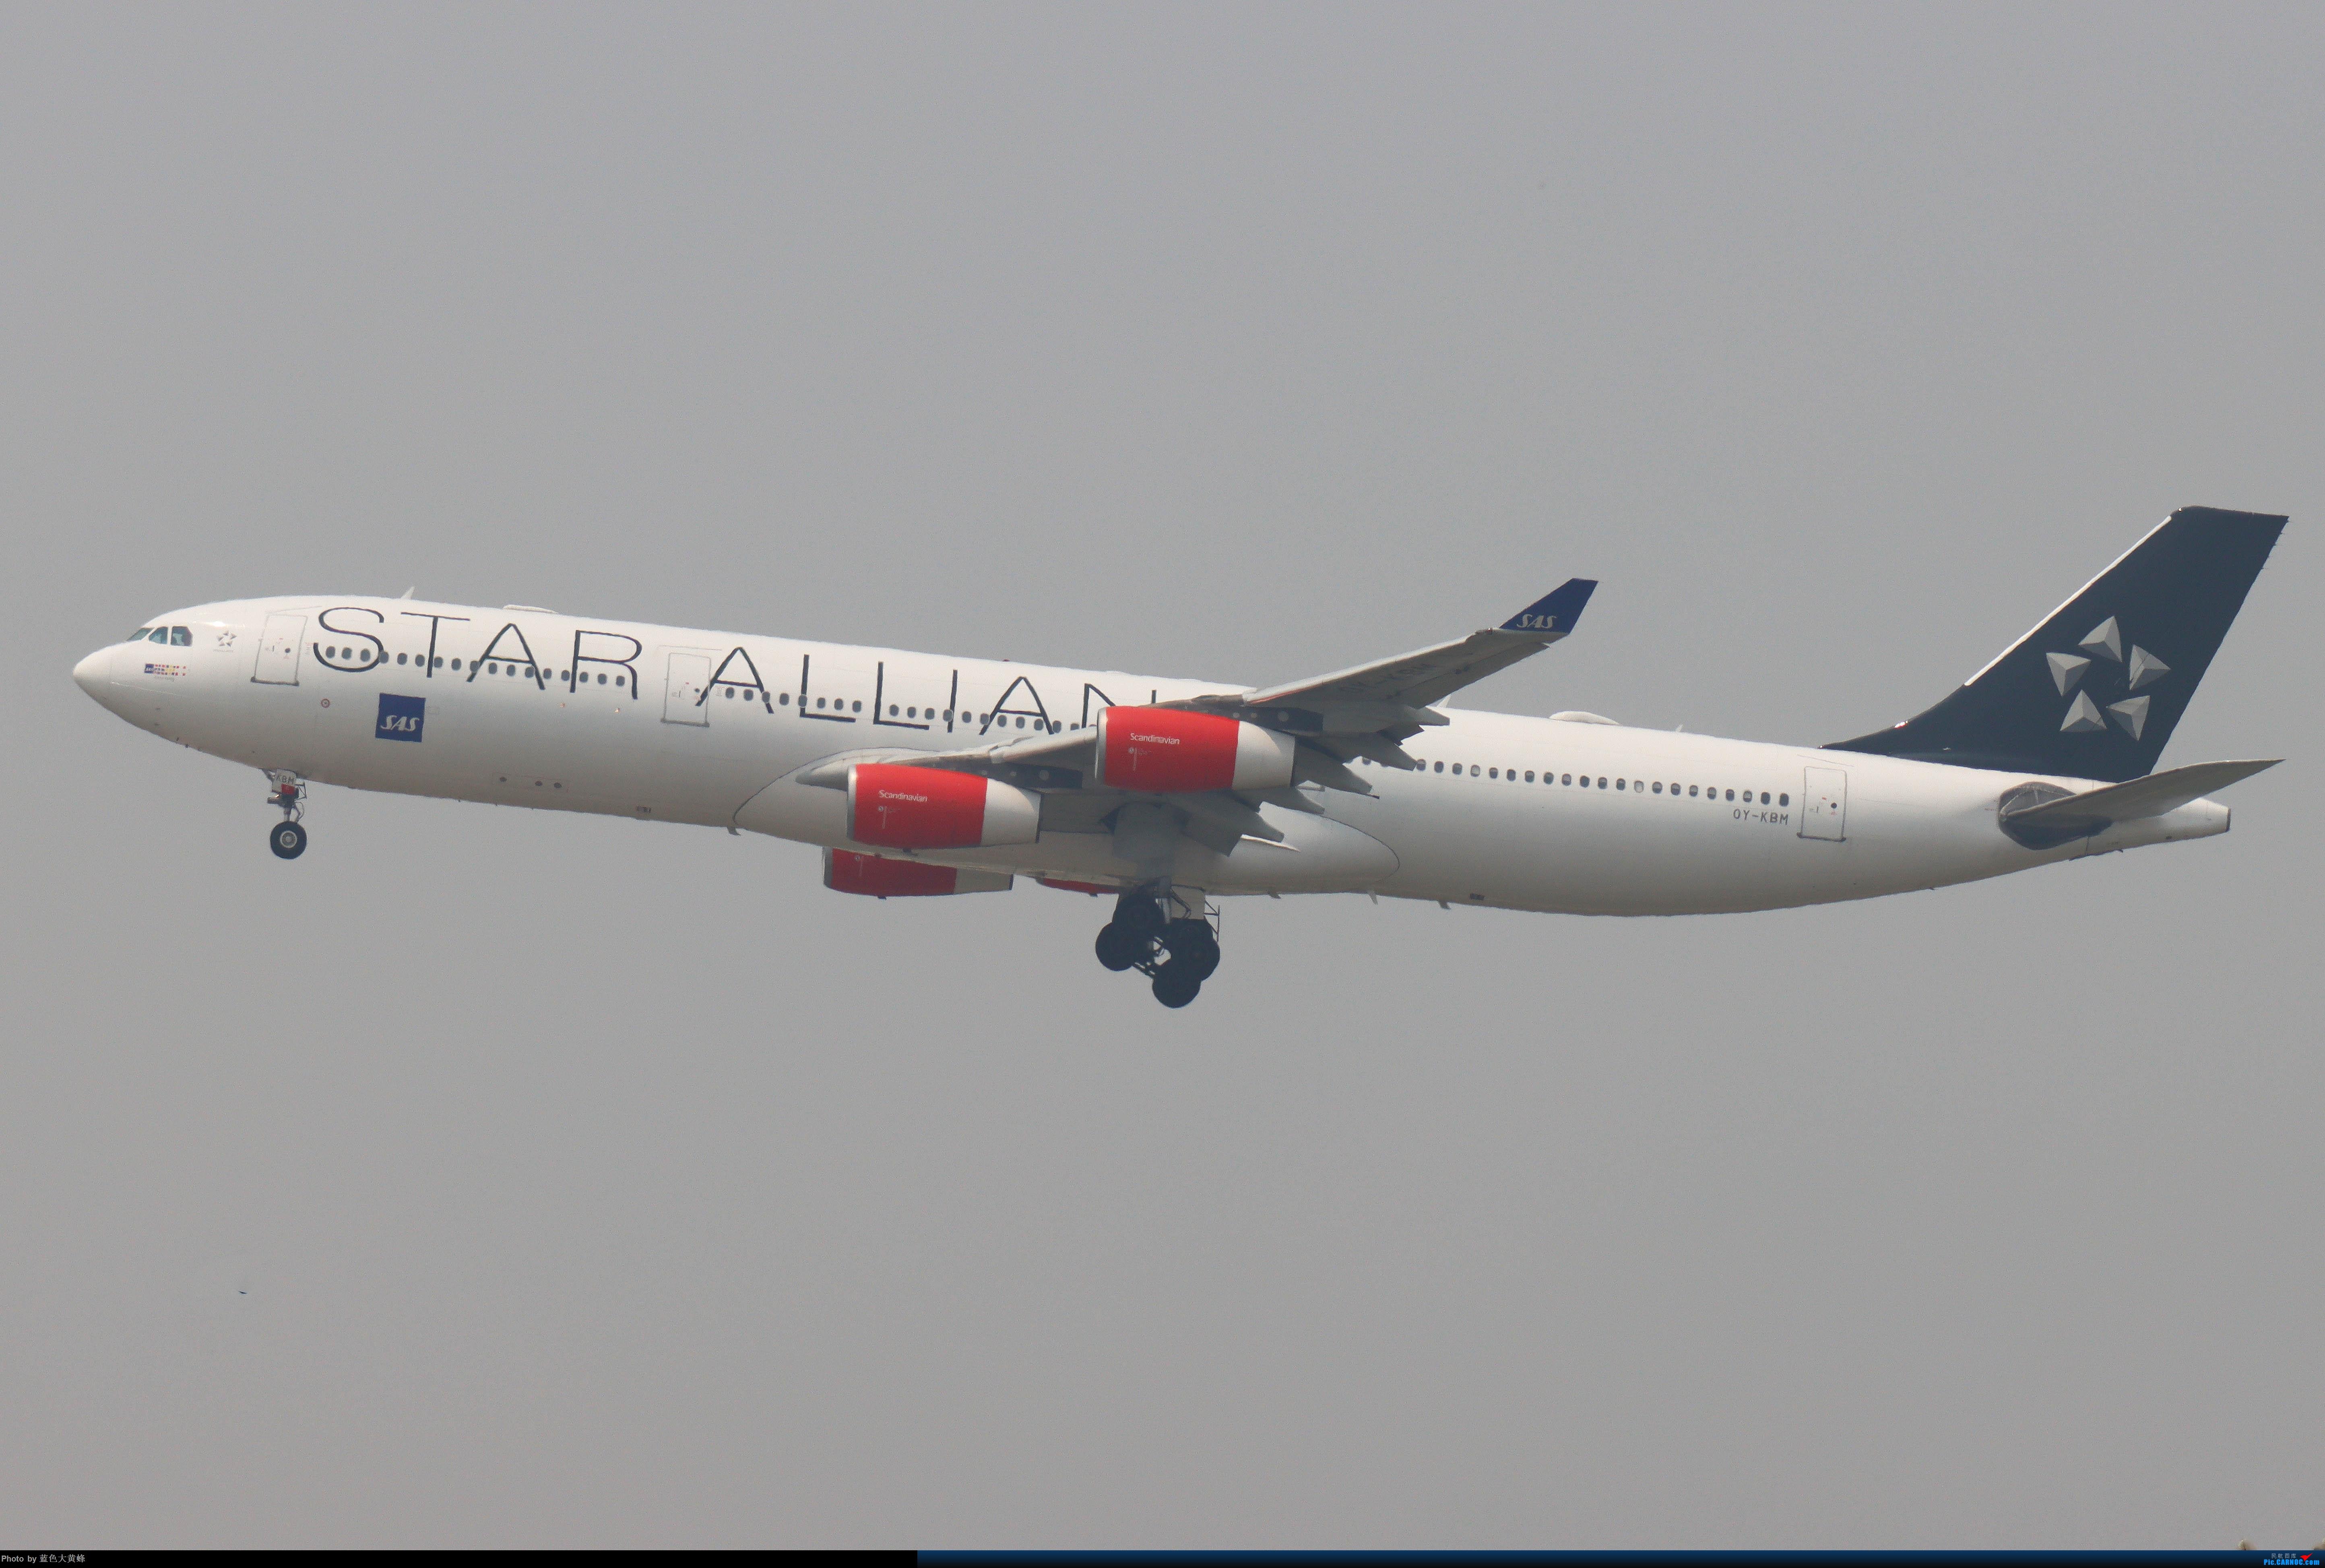 Re:[原创]2020.5.30PEK拍机,偶遇联邦的MD11给18R降落,实属罕见 AIRBUS A340-300 OY-KBM 中国北京首都国际机场